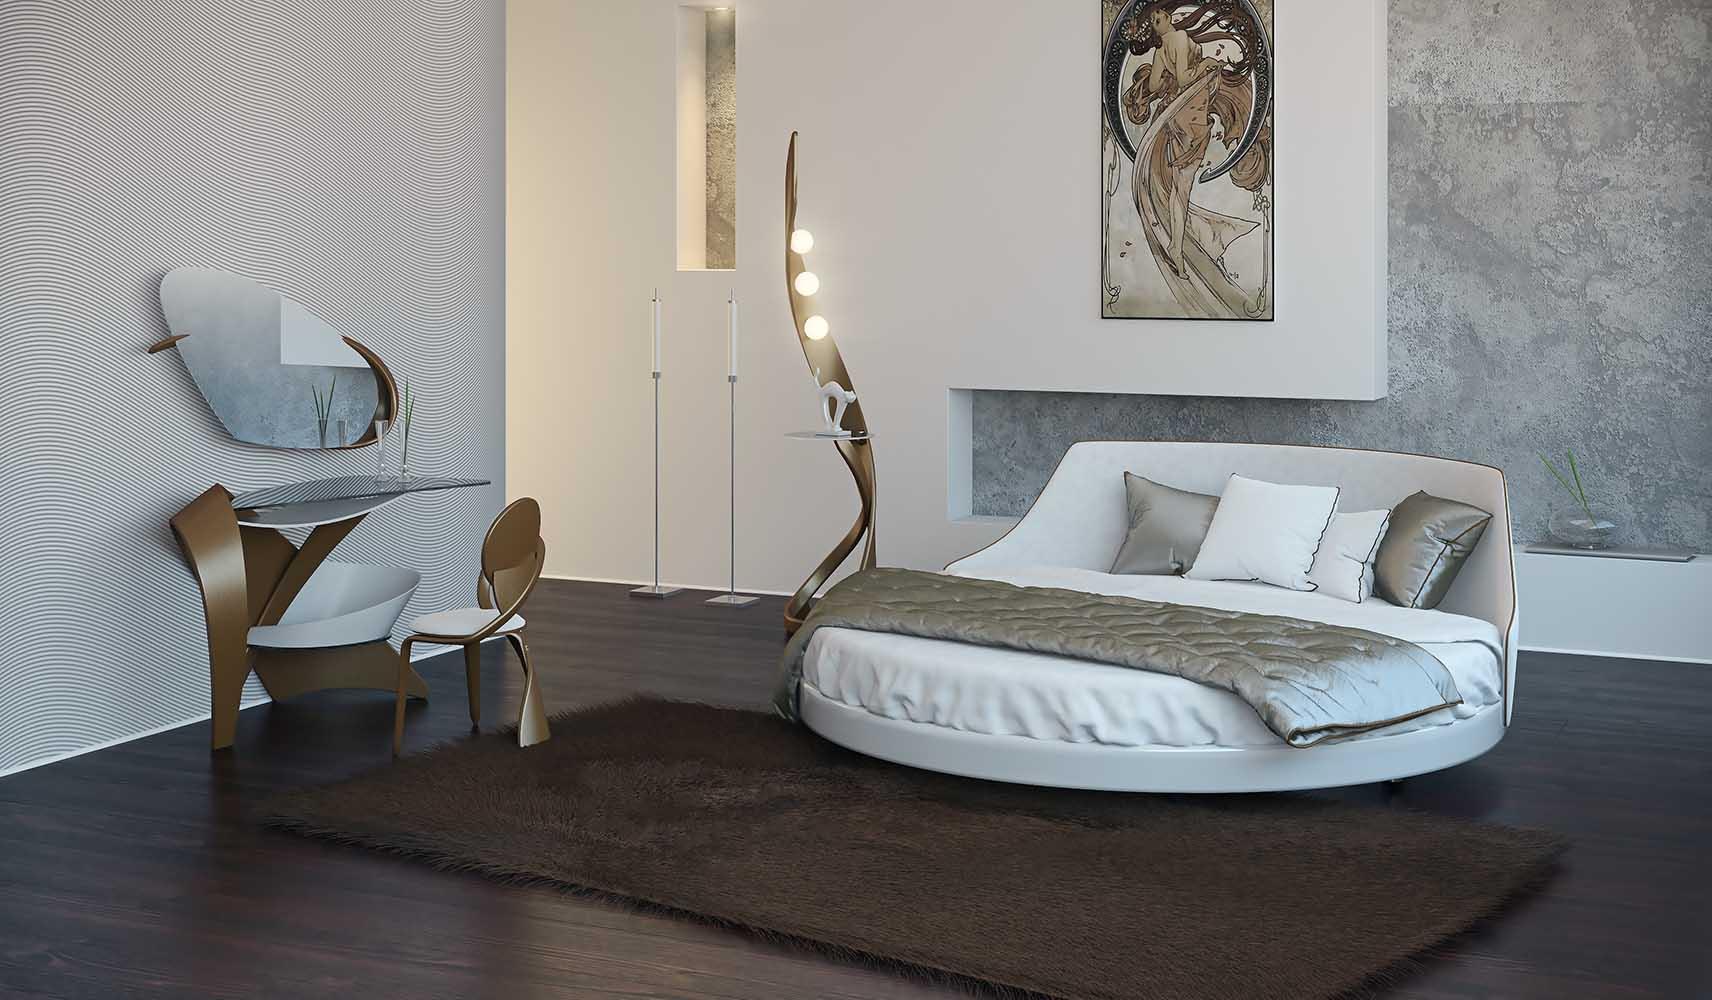 круглые кровати фото цены